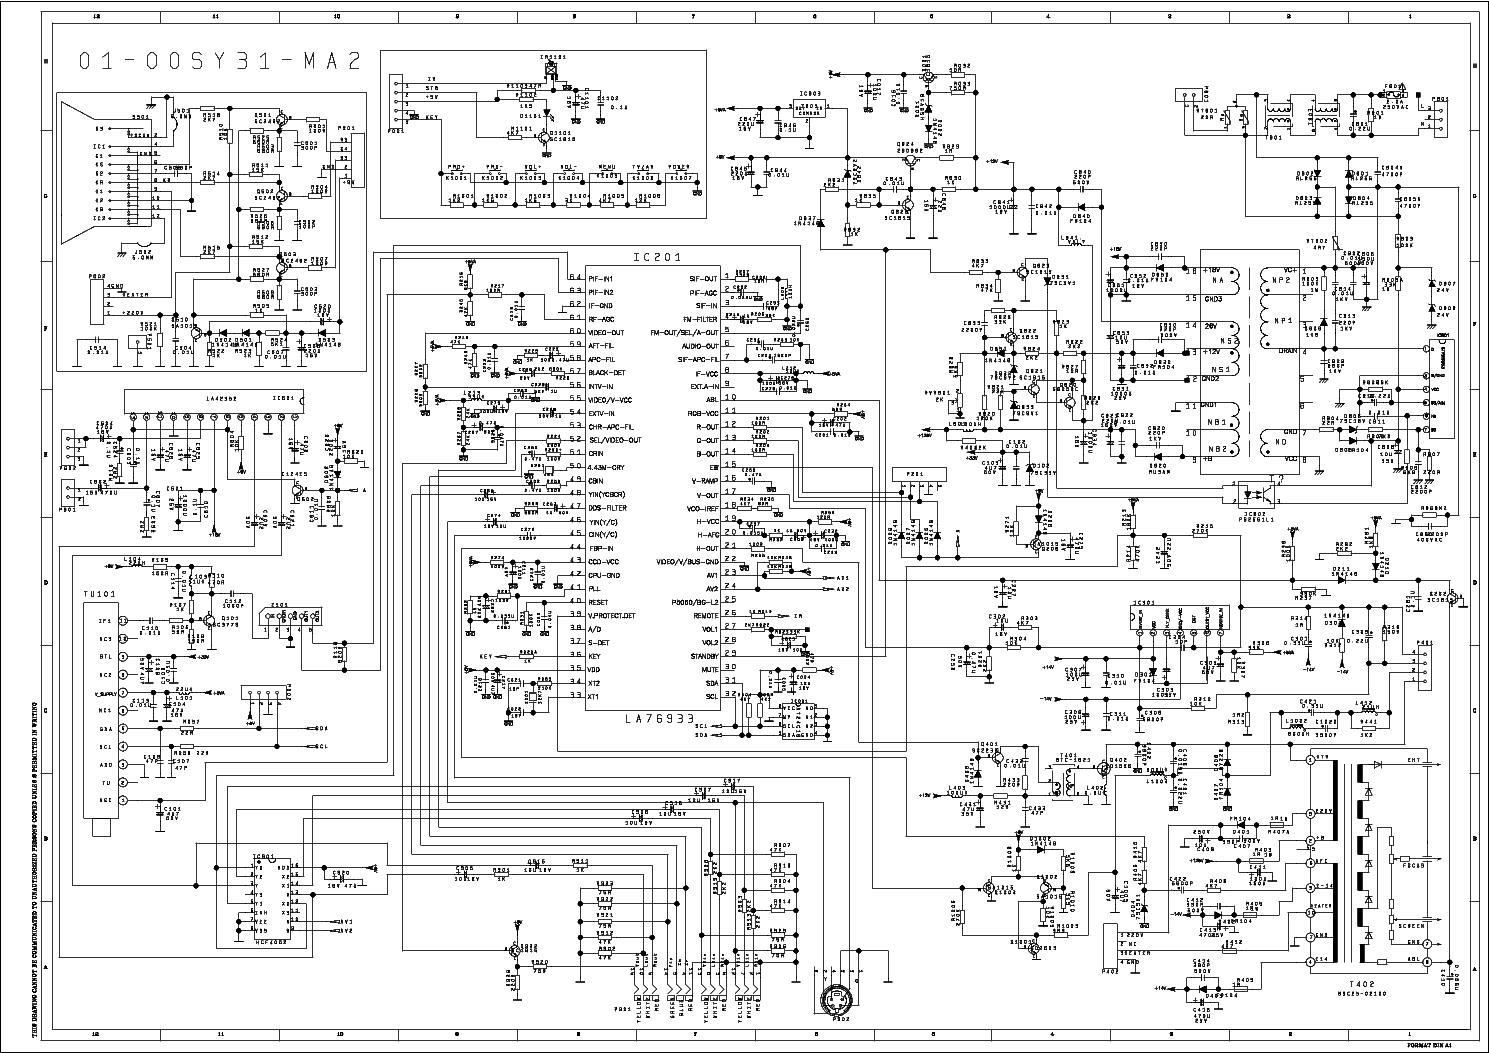 tcl tb73 chassis tmpa8873   stv9302   tea1506p   tea2025b